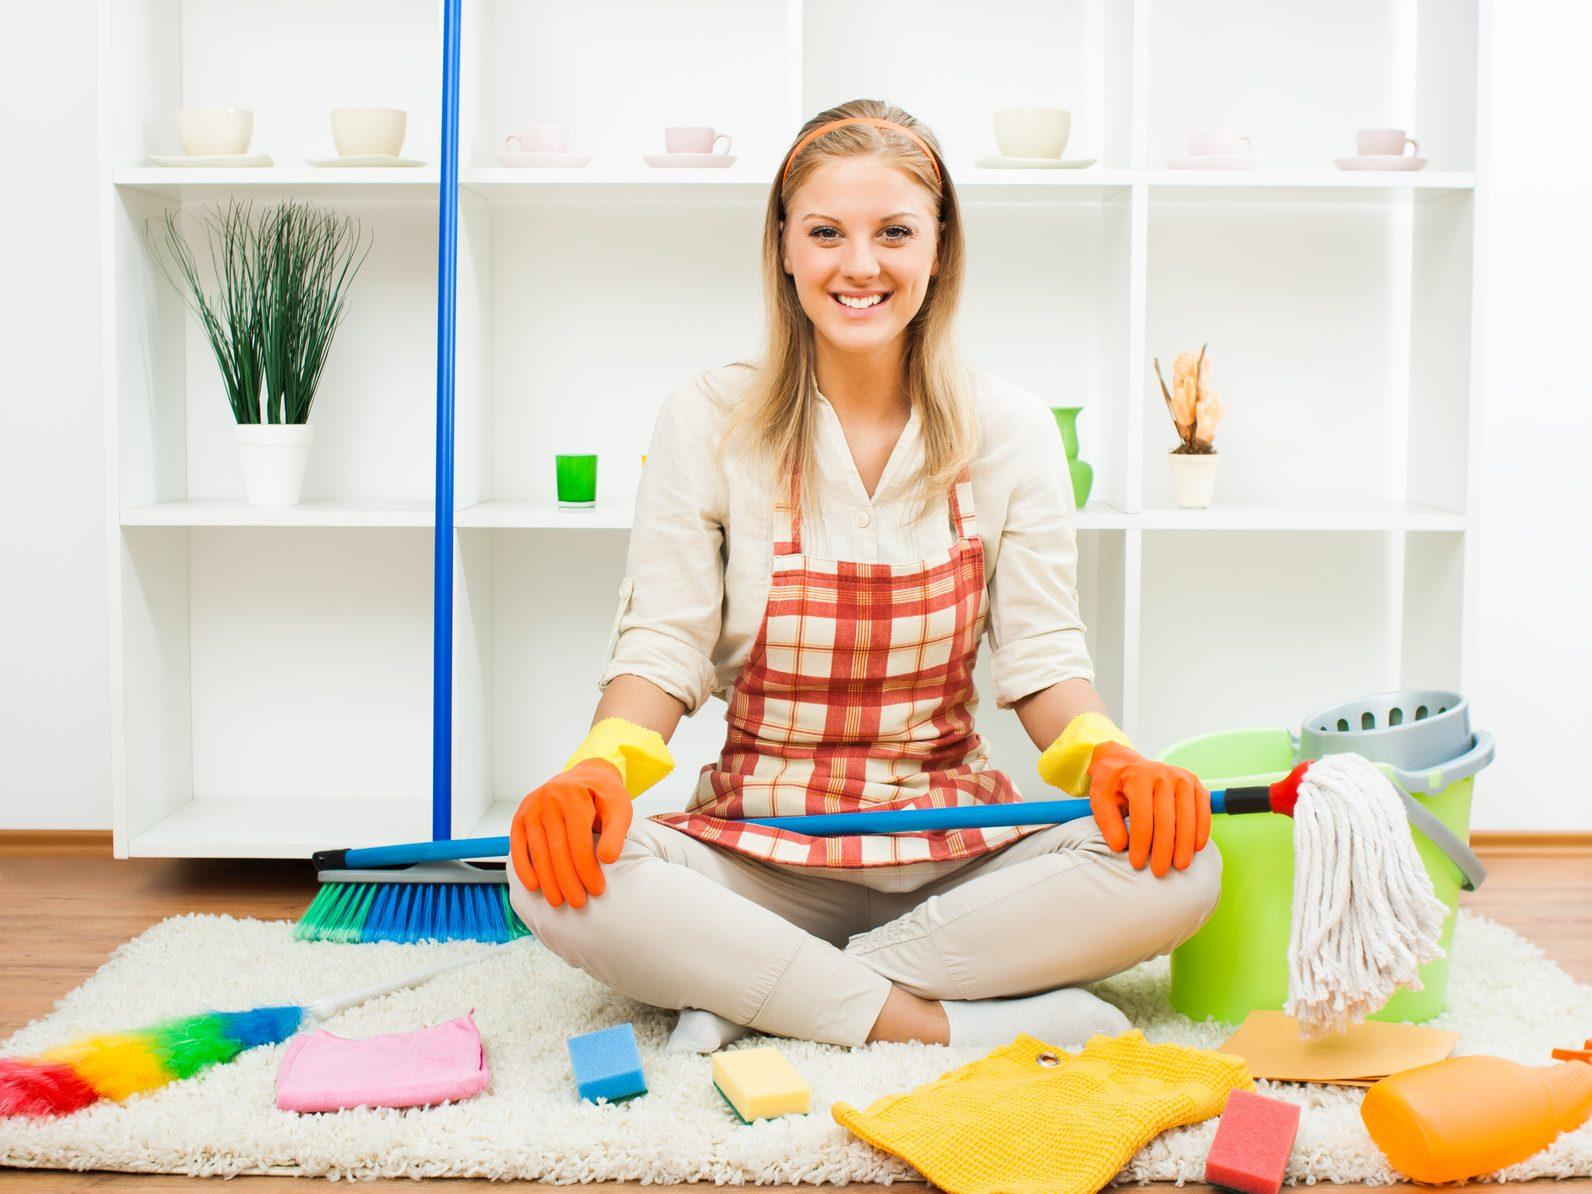 Как сделать так чтоб дома было всегда чисто